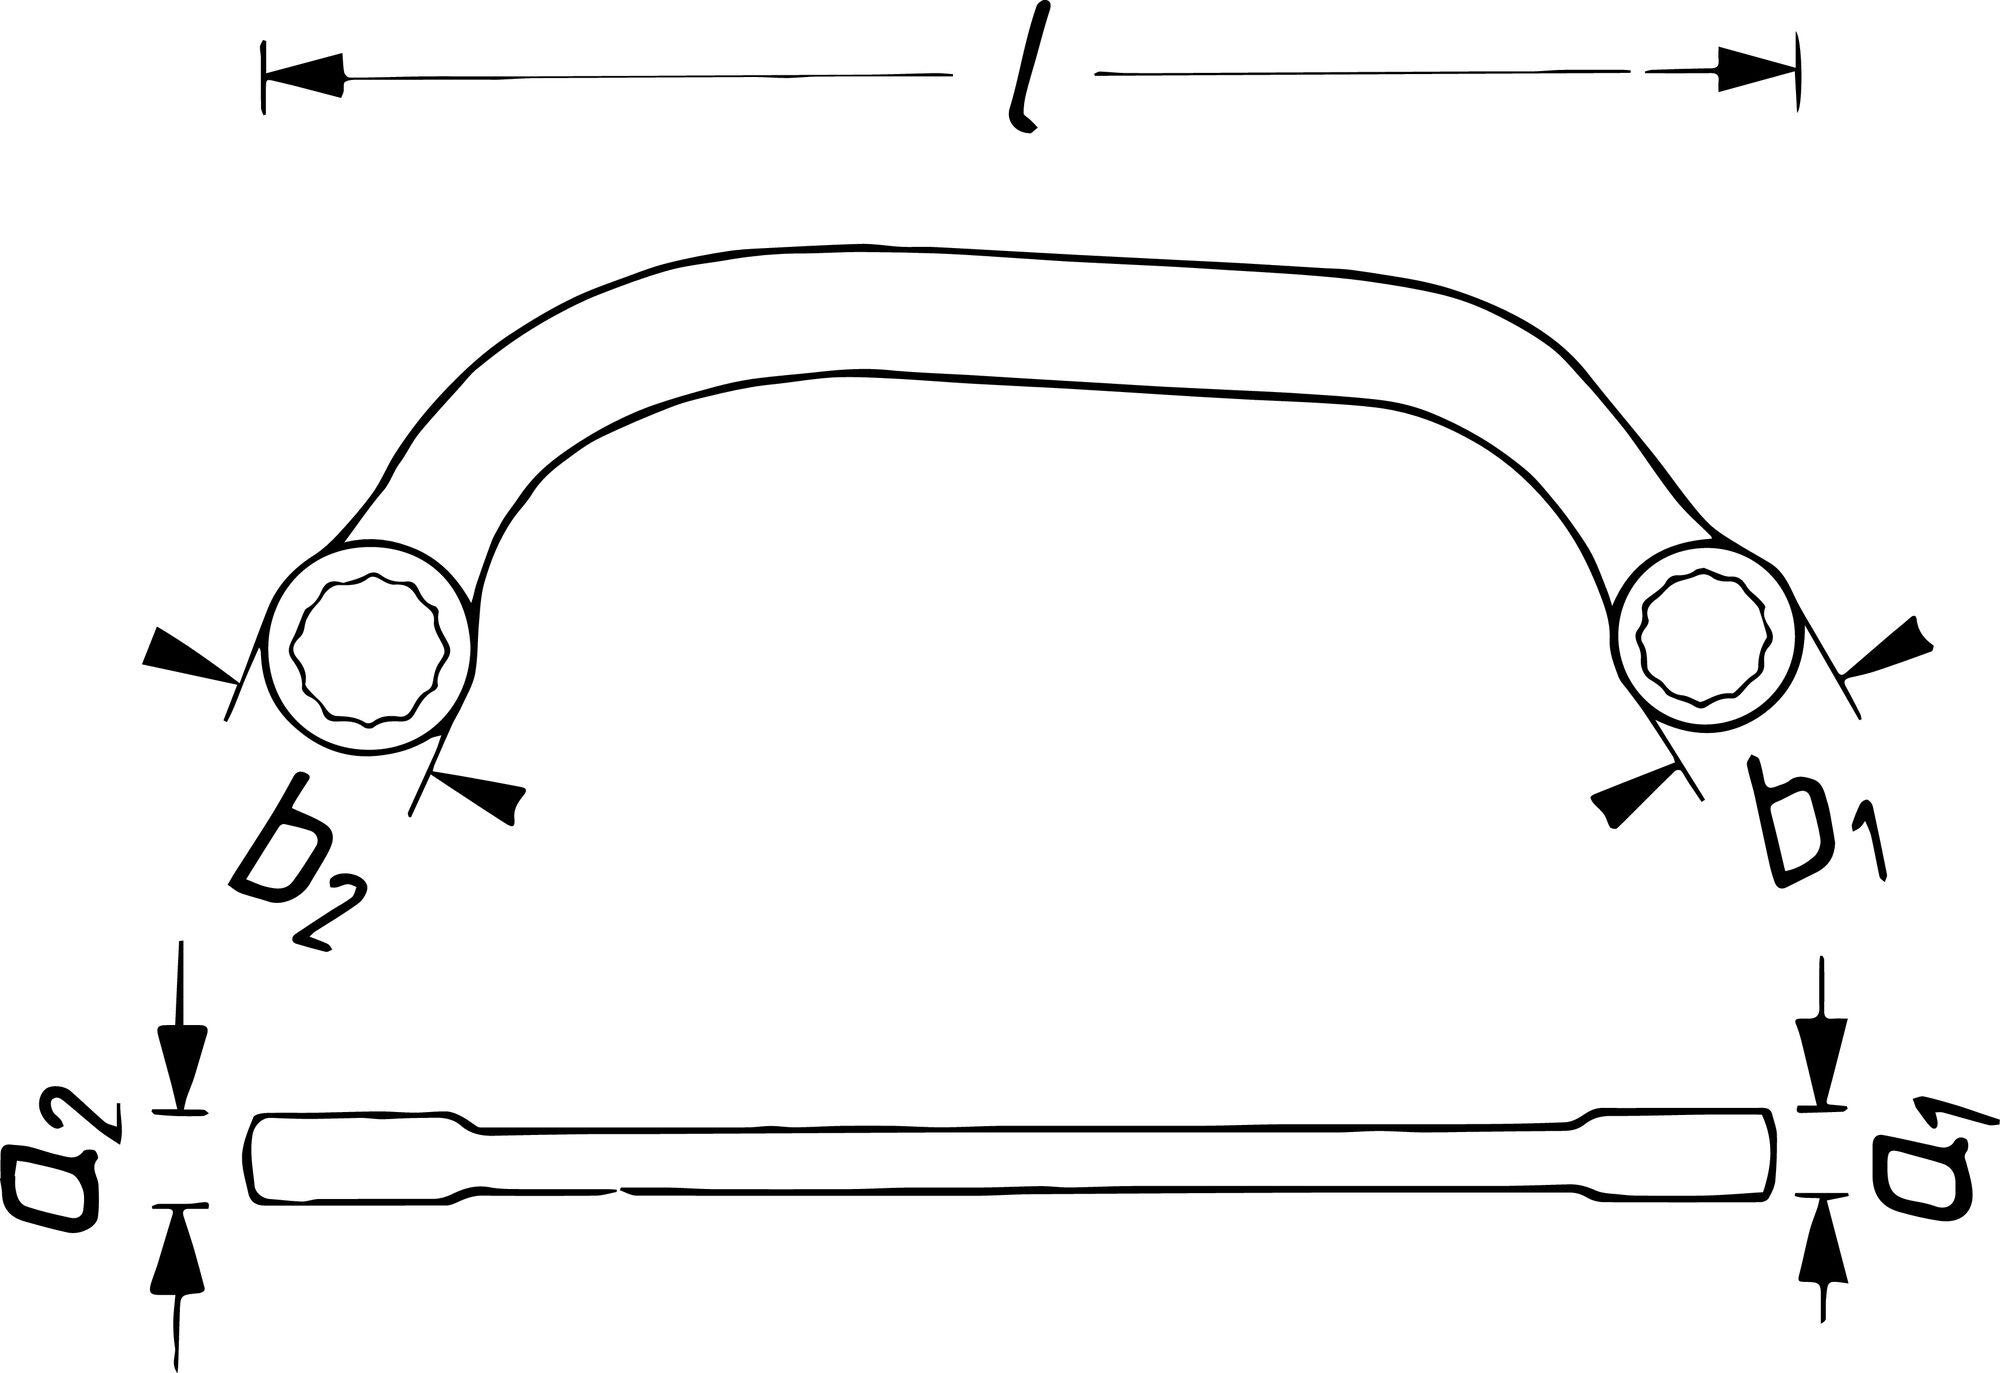 HAZET Doppel-Ringschlüssel 615-11X13 ∙ Außen-Doppel-Sechskant Profil ∙ 11 x 13 mm